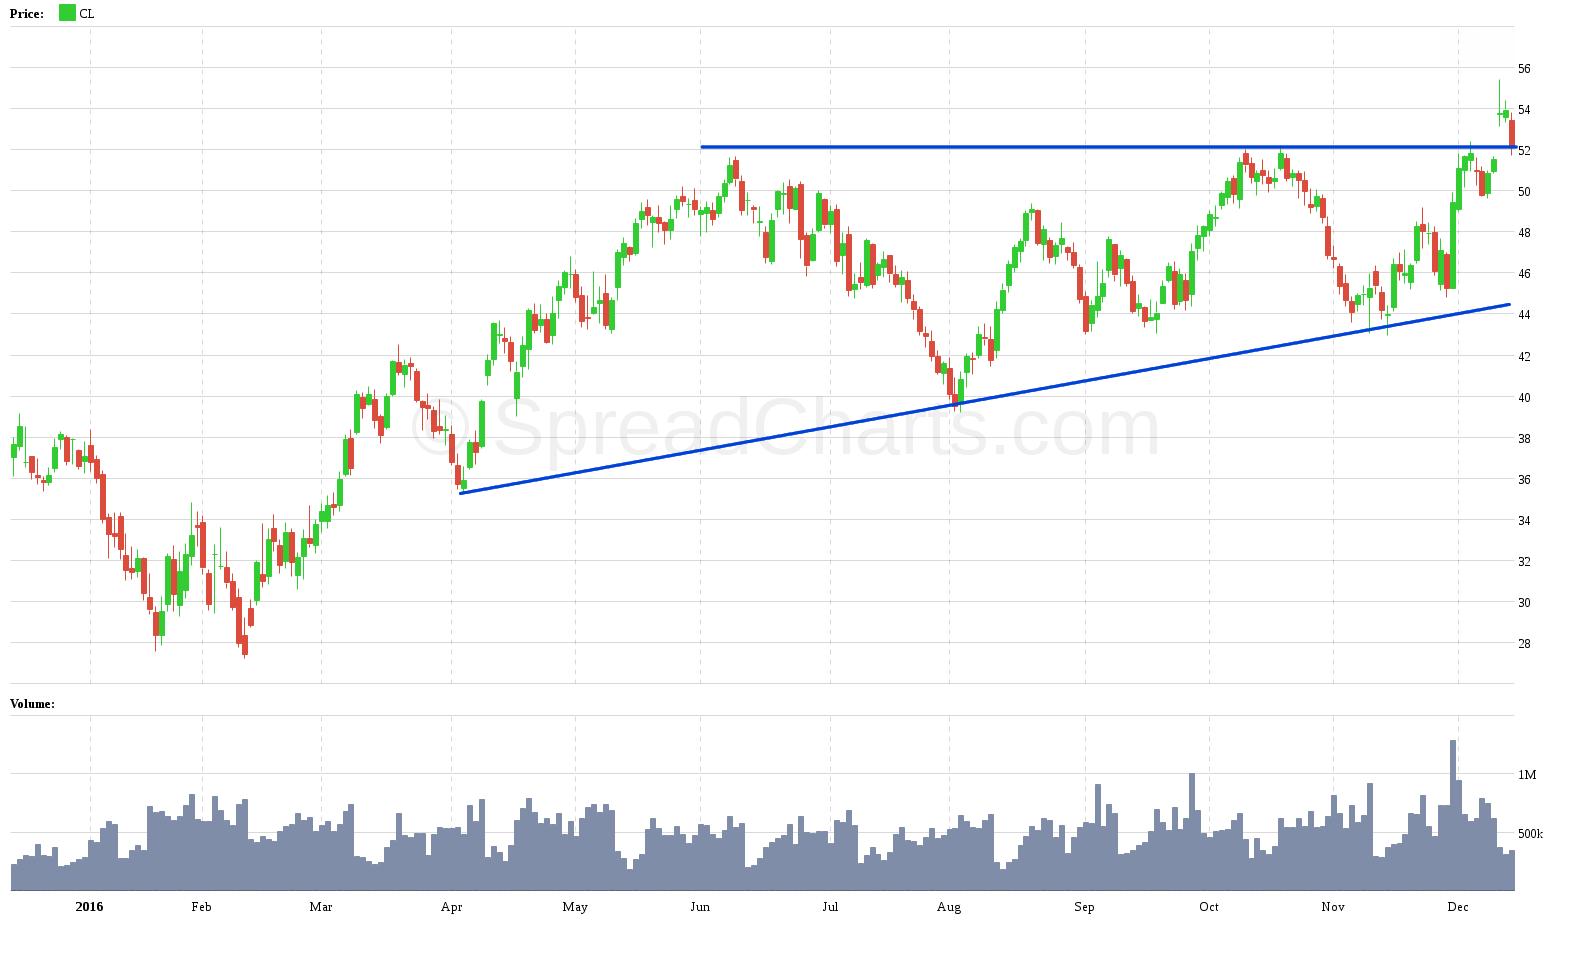 Cena ropy rok